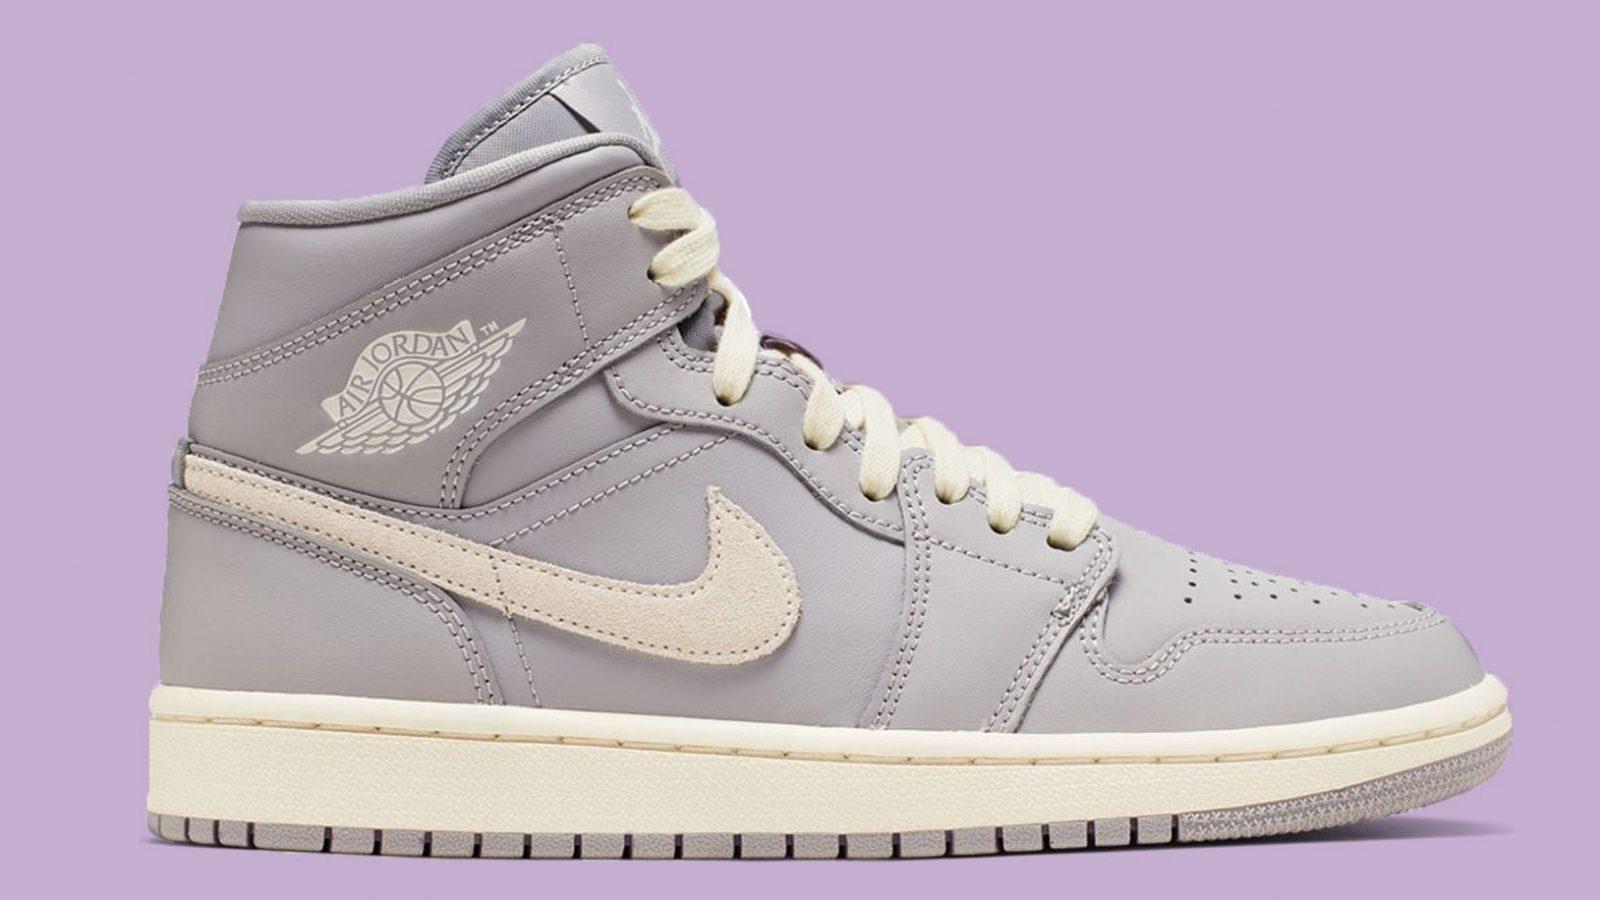 We're In Love With This Nike Air Jordan 1 'Atmosphere Grey